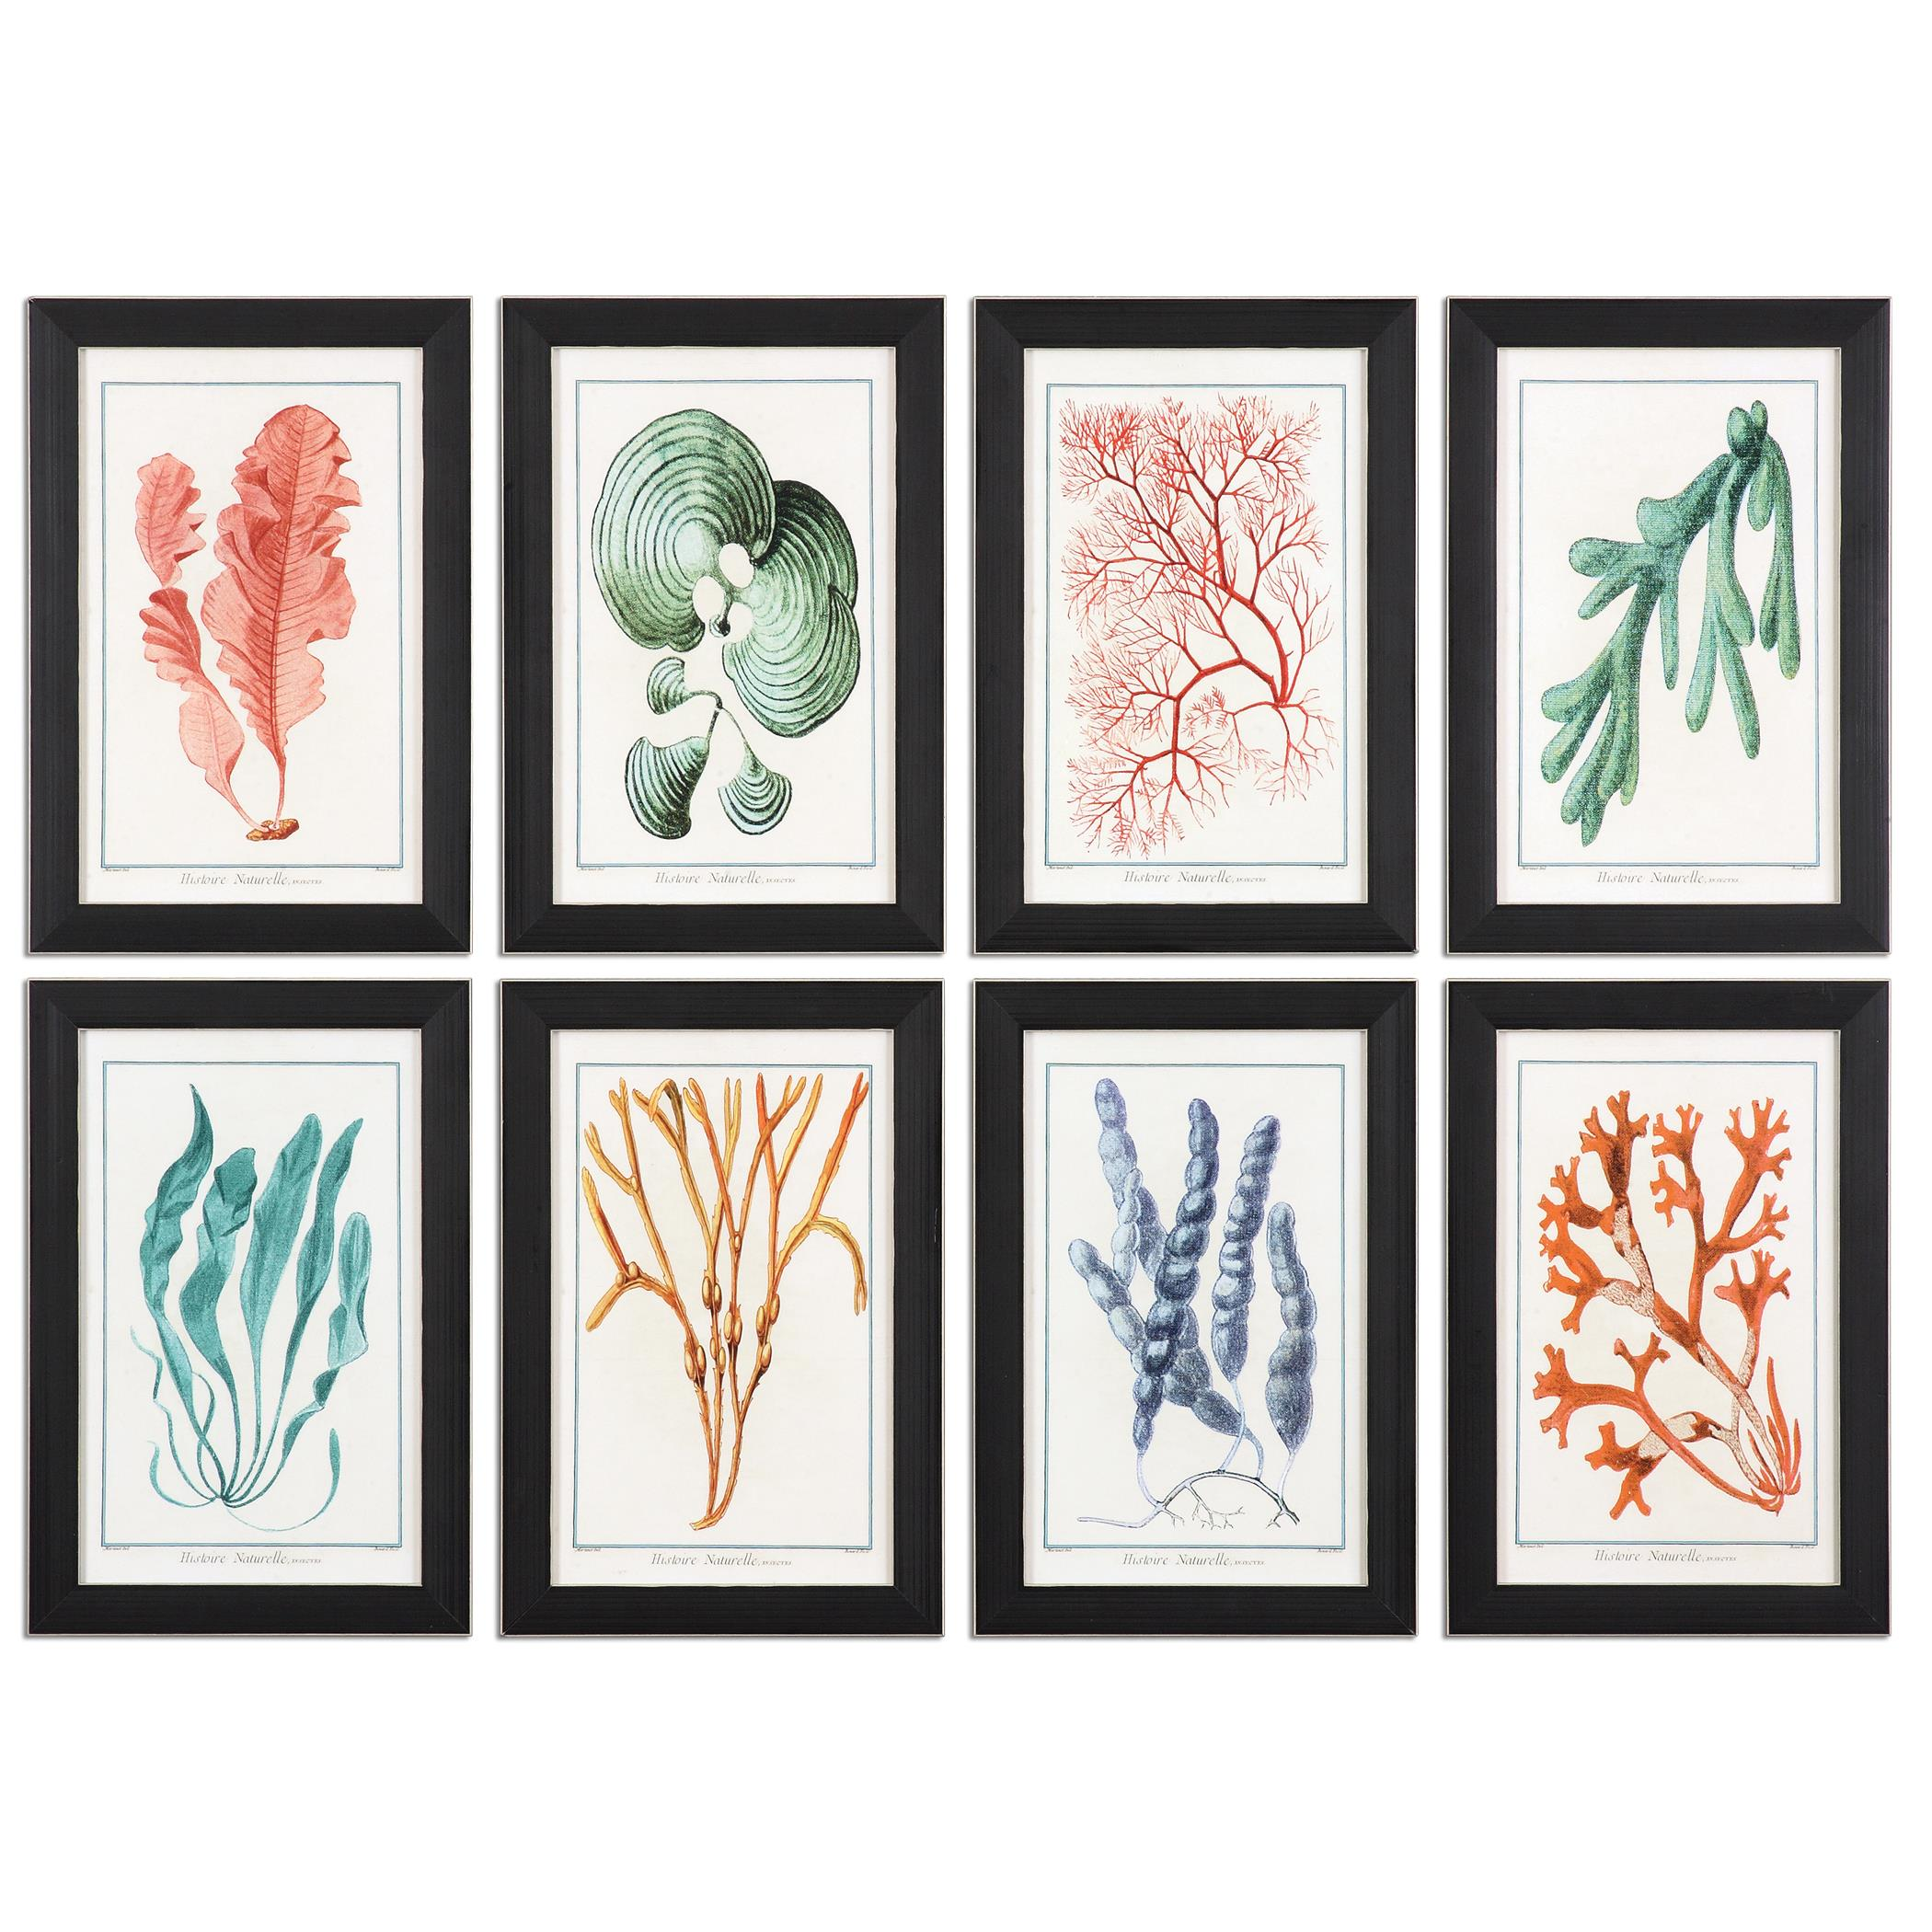 Uttermost Art Colorful Algae Framed Art, S/8 - Item Number: 33621